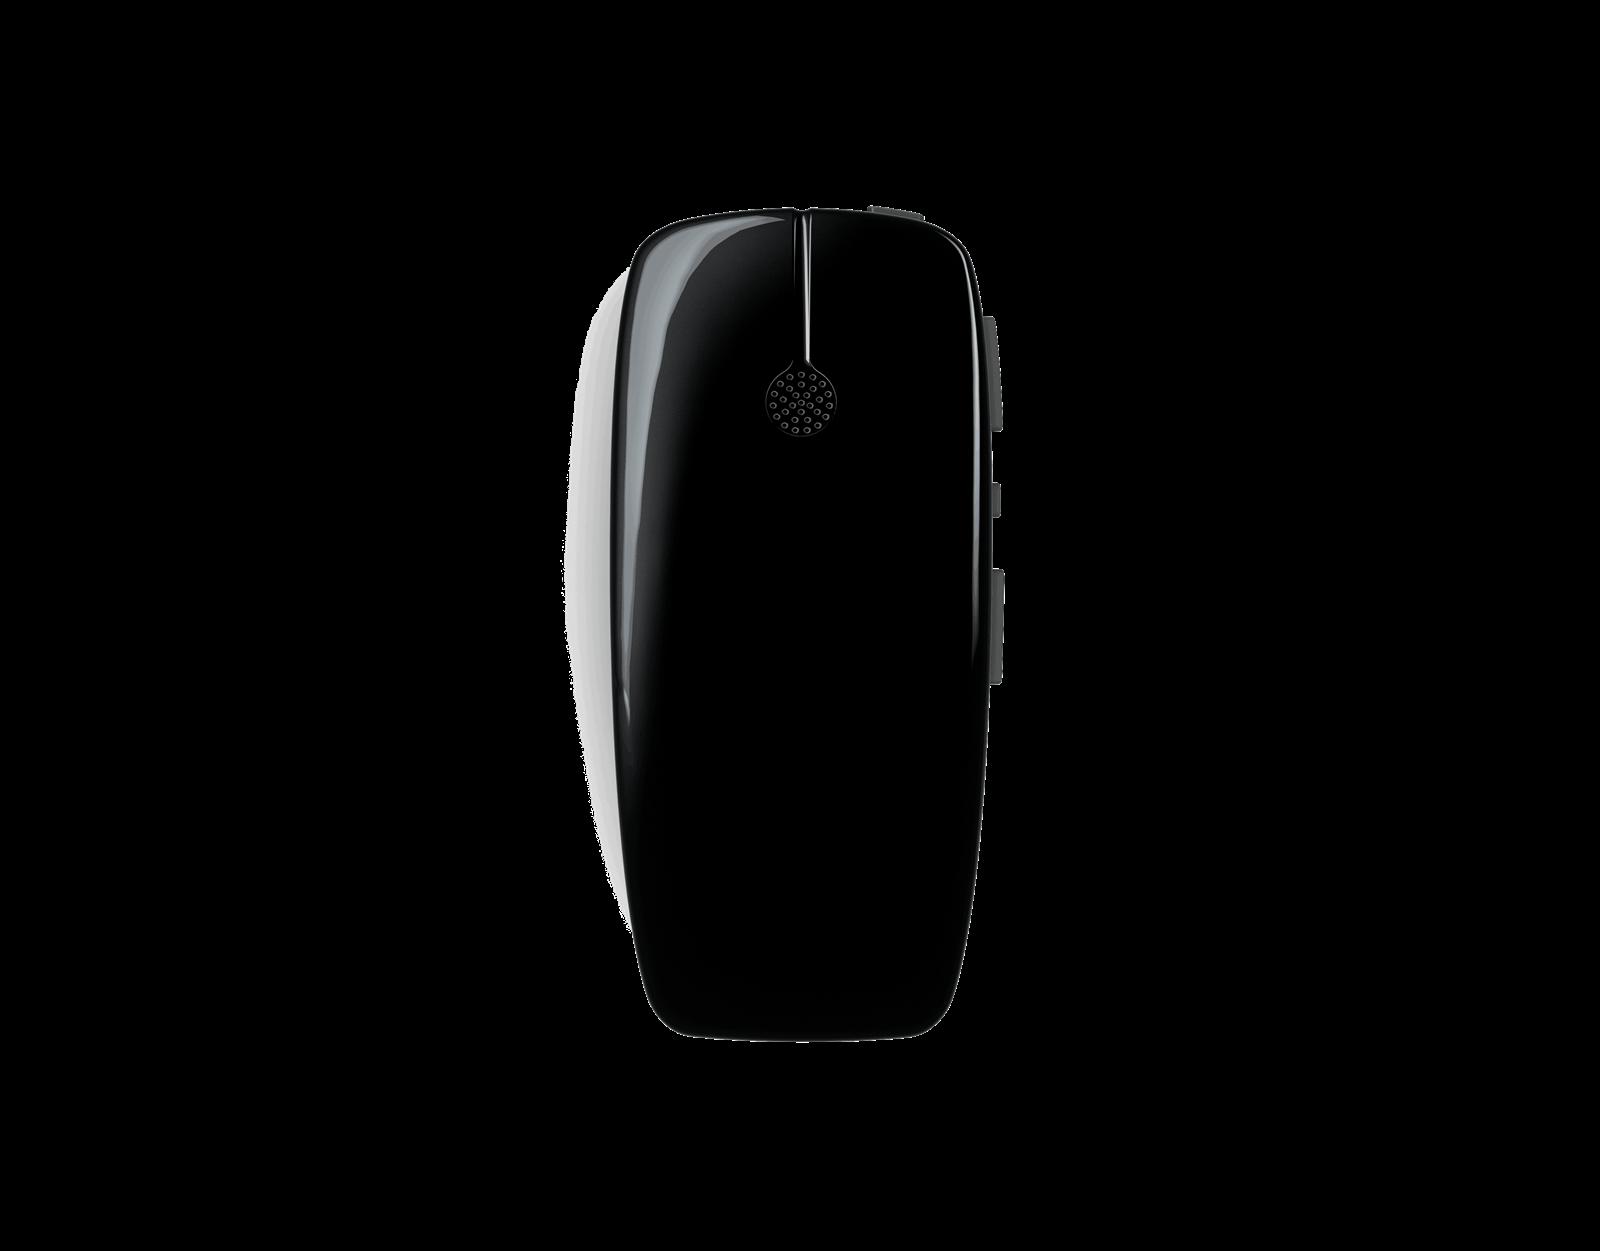 ileri ve çok ileri derecede işitme kayıpları için kablosuz işitme cihazı aksesuarları |  ReSound Çoklu Mikrofon